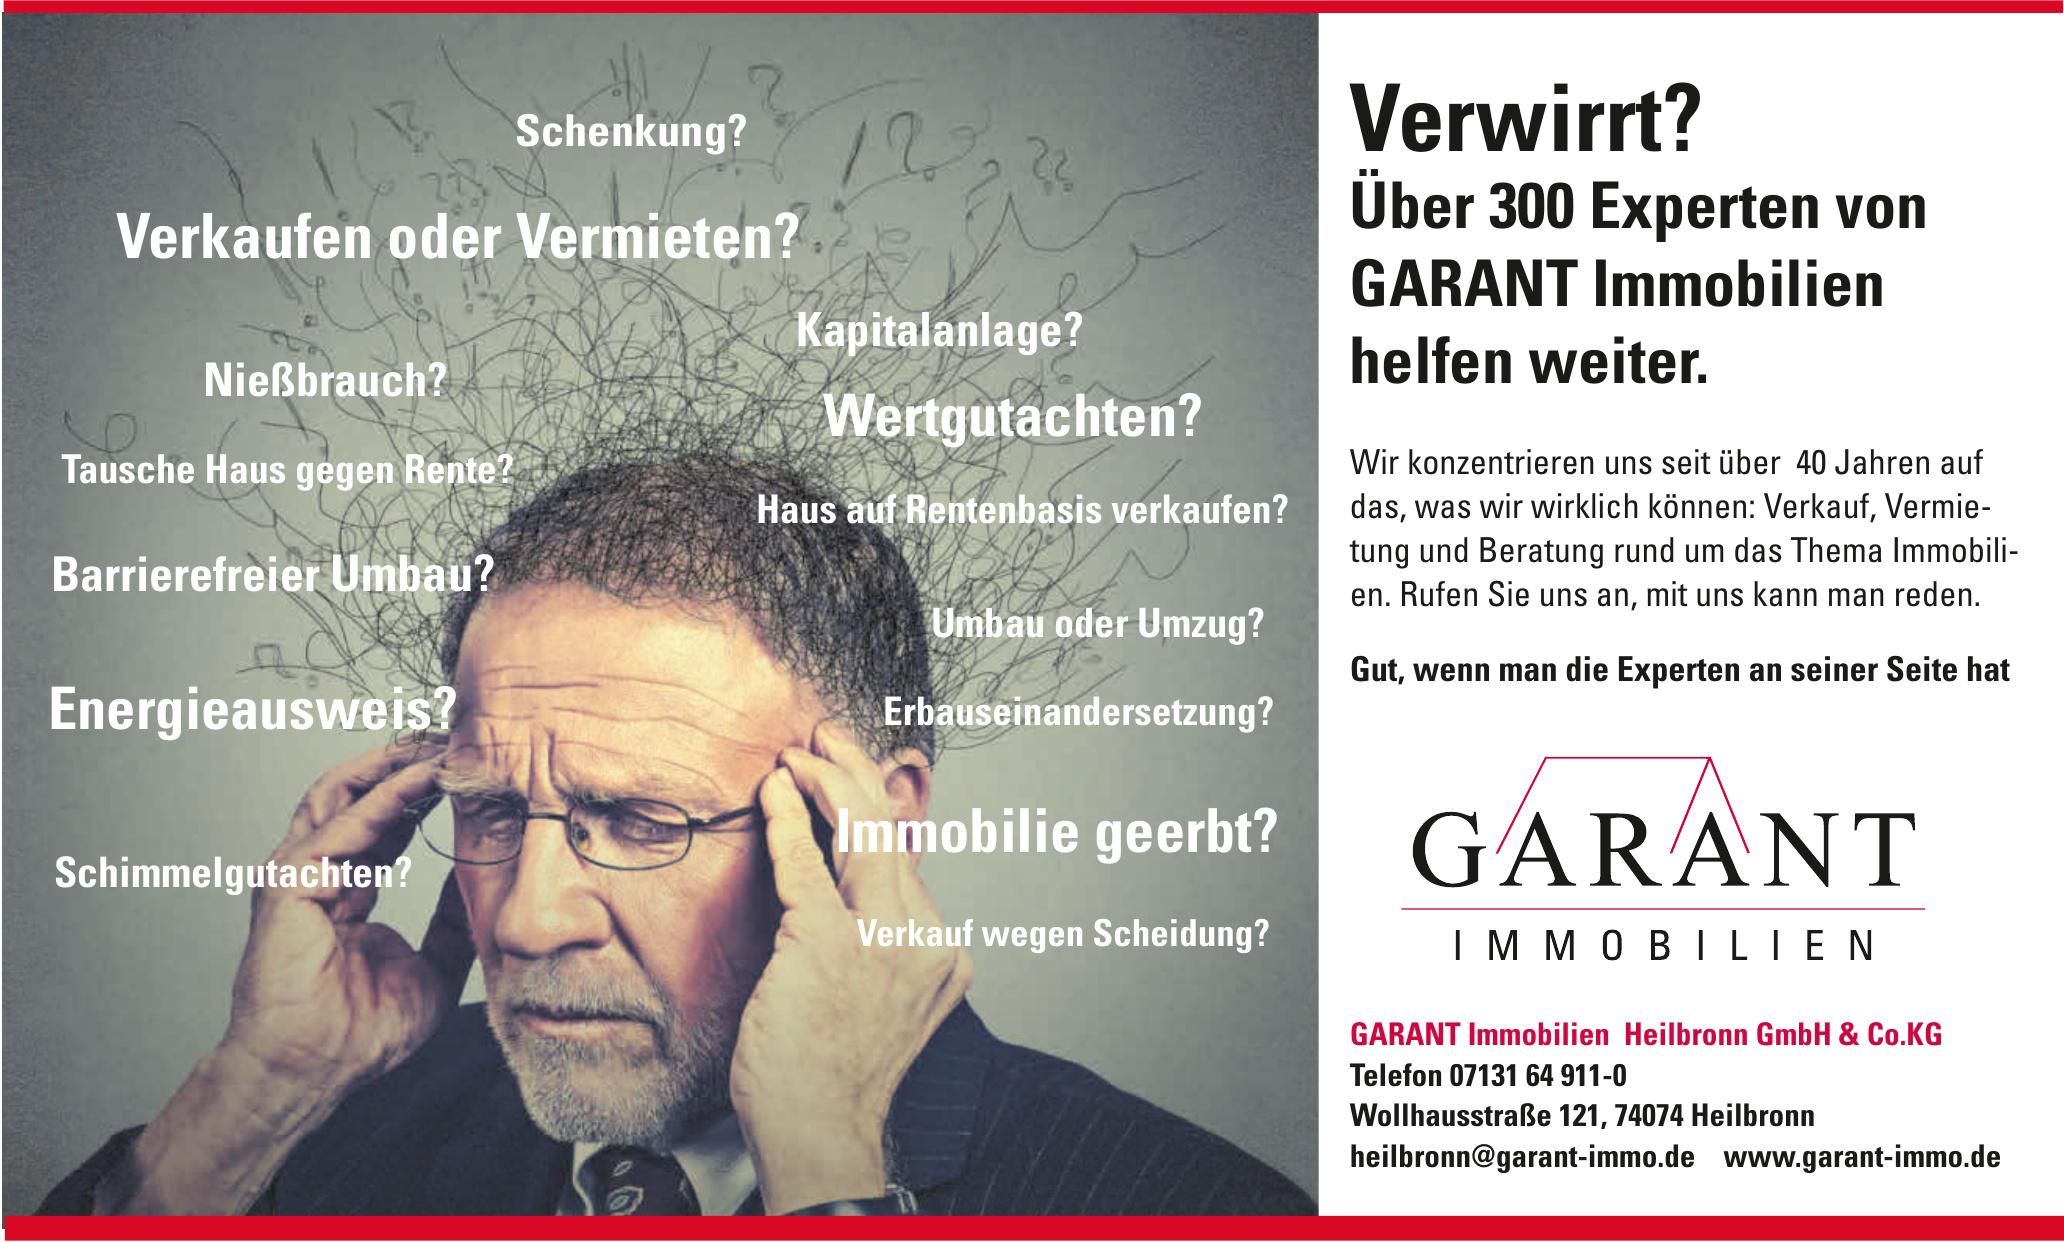 Garant Immobilien Heilbronn GmbH & Co. KG